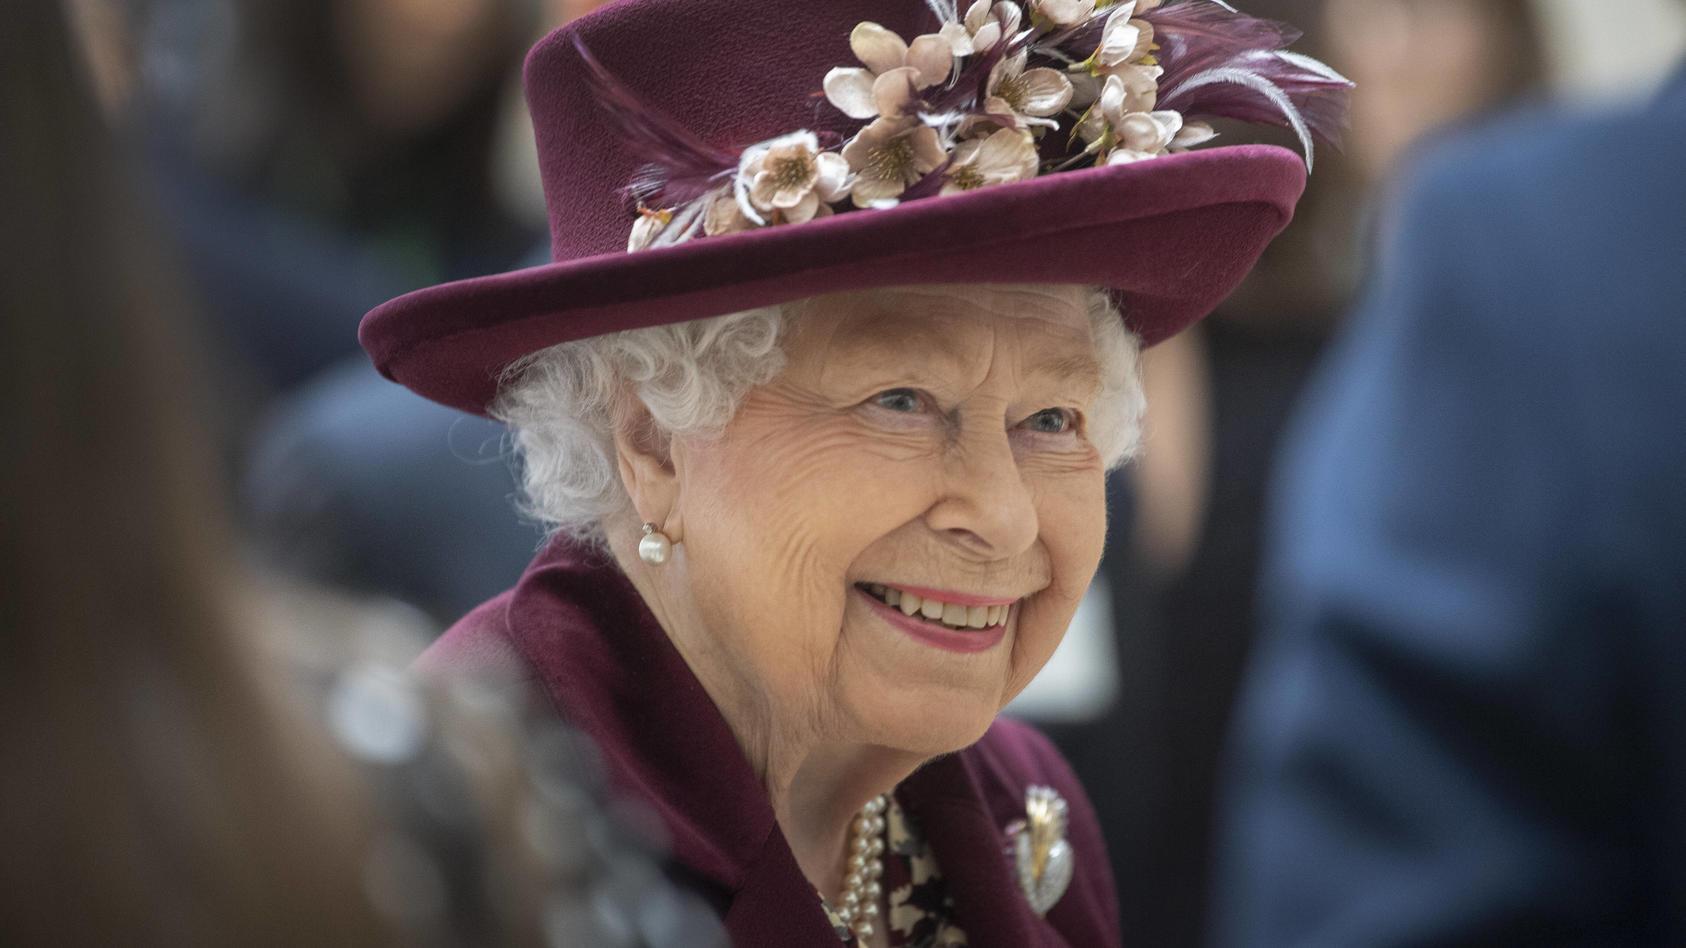 Queen Elizabeth II scheint während der Corona-Pandemie wohlauf zu sein.